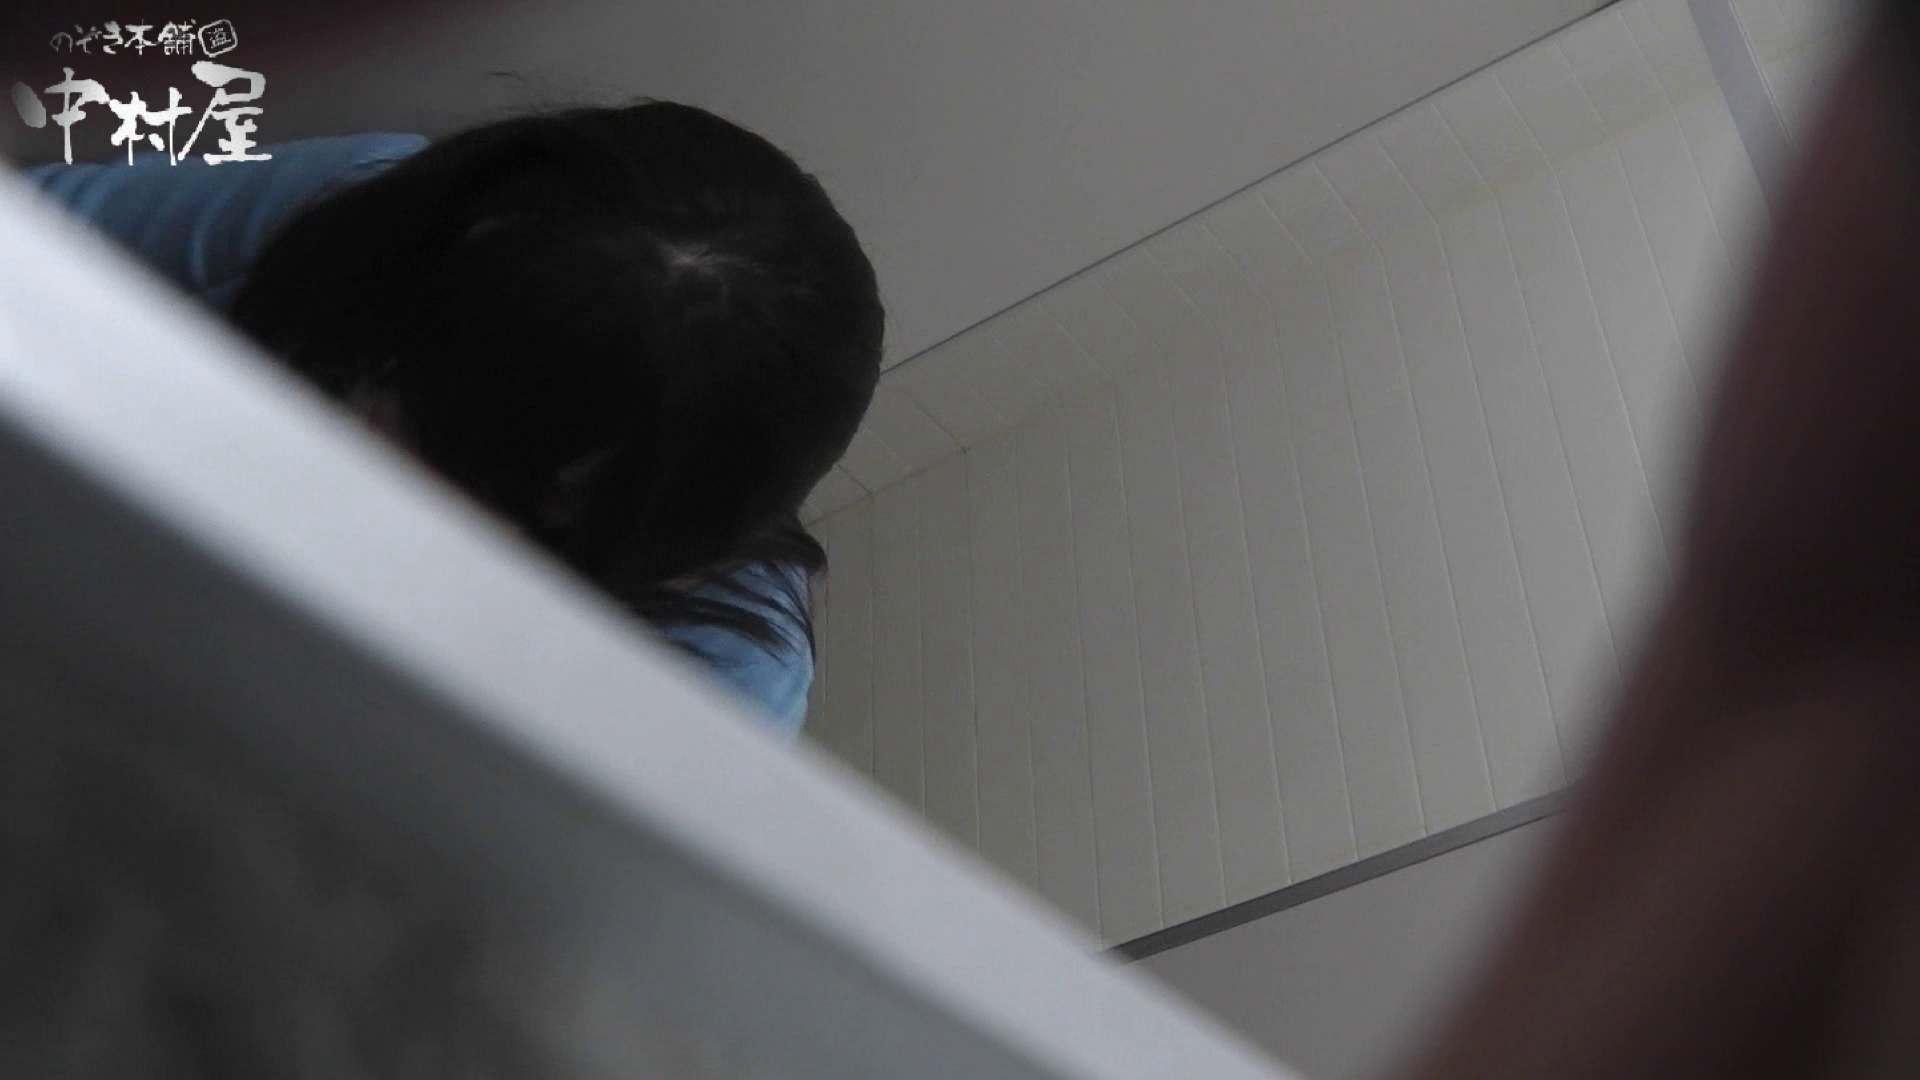 vol.22 命がけ潜伏洗面所! パンツ全開 潜入シリーズ   HなOL  105pic 28